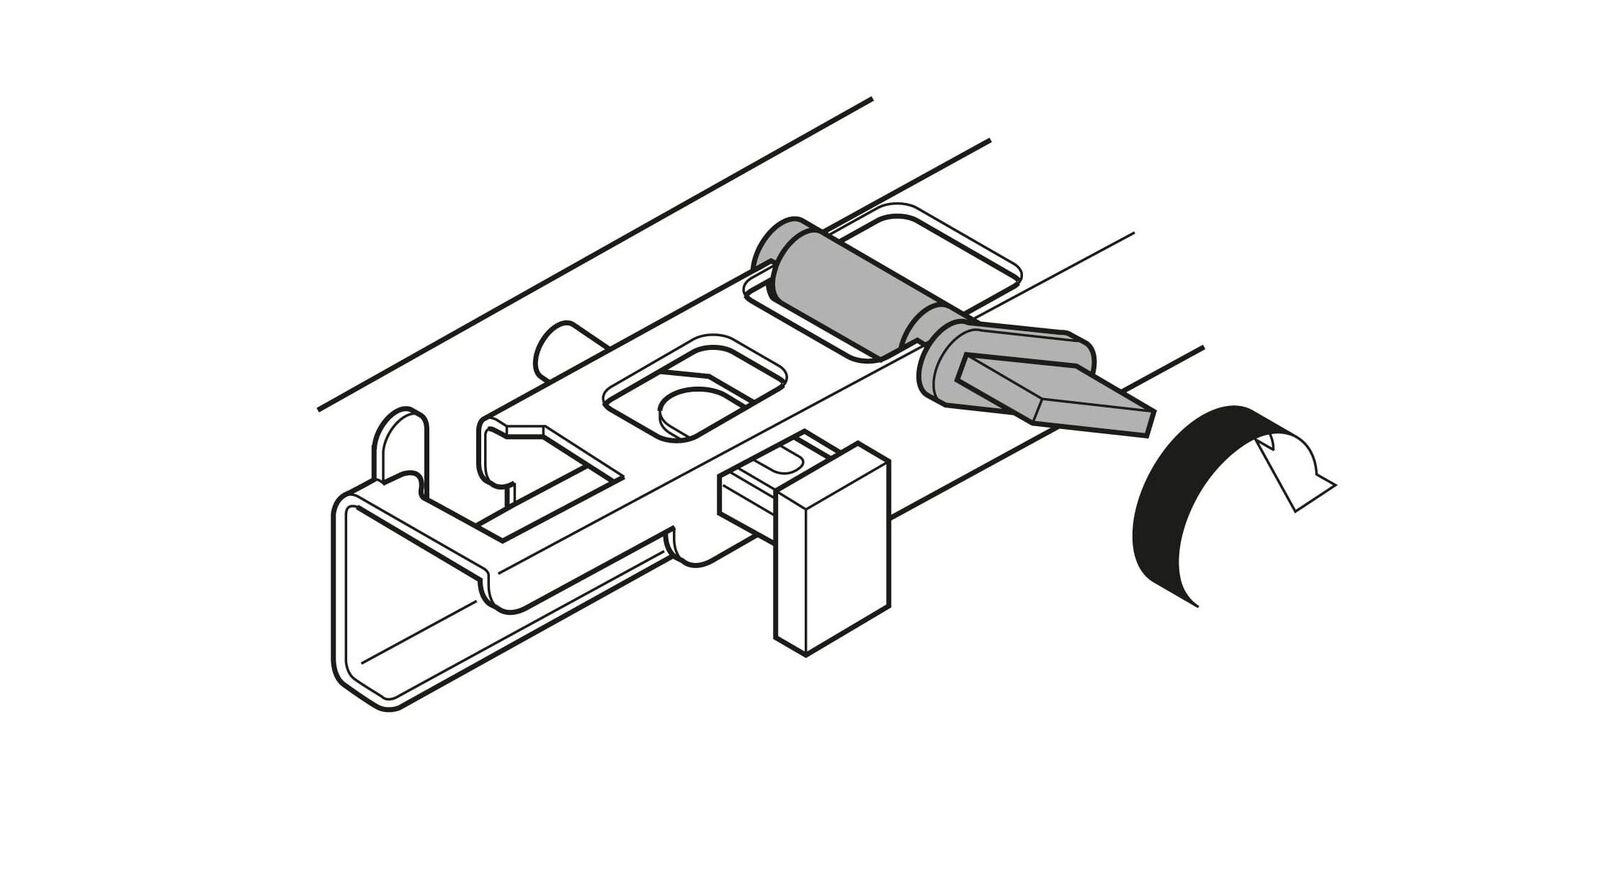 Höhenverstellung für optimale Justierung der Schublade